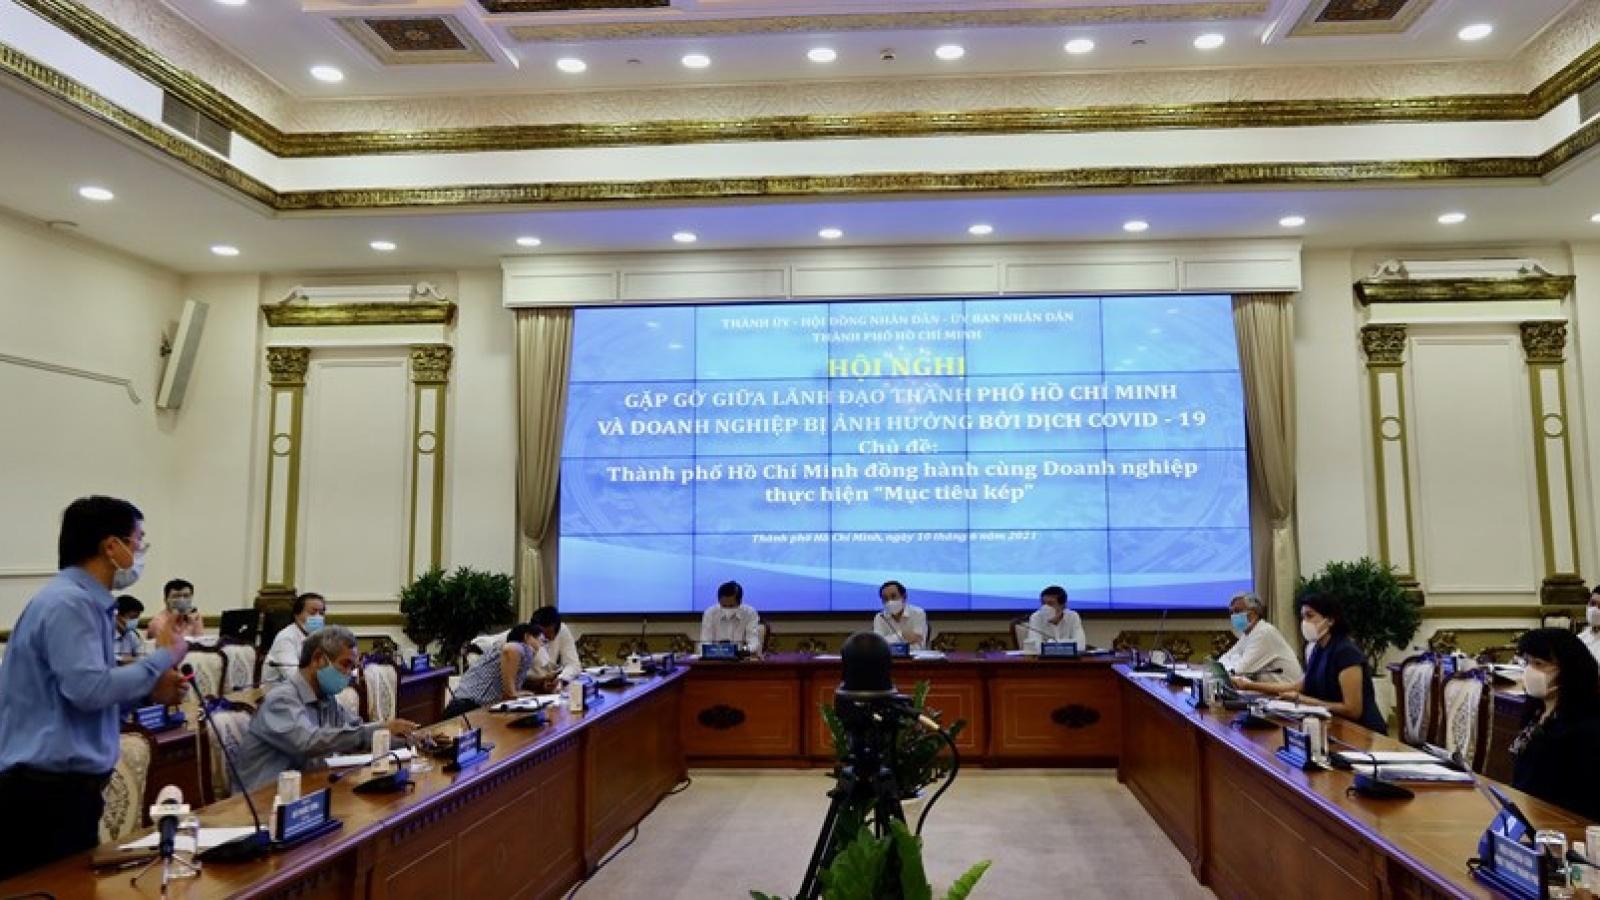 Doanh nghiệp TP.HCM đề nghị ưu tiên tiêm vaccine Covid-19 cho công nhân, người lao động